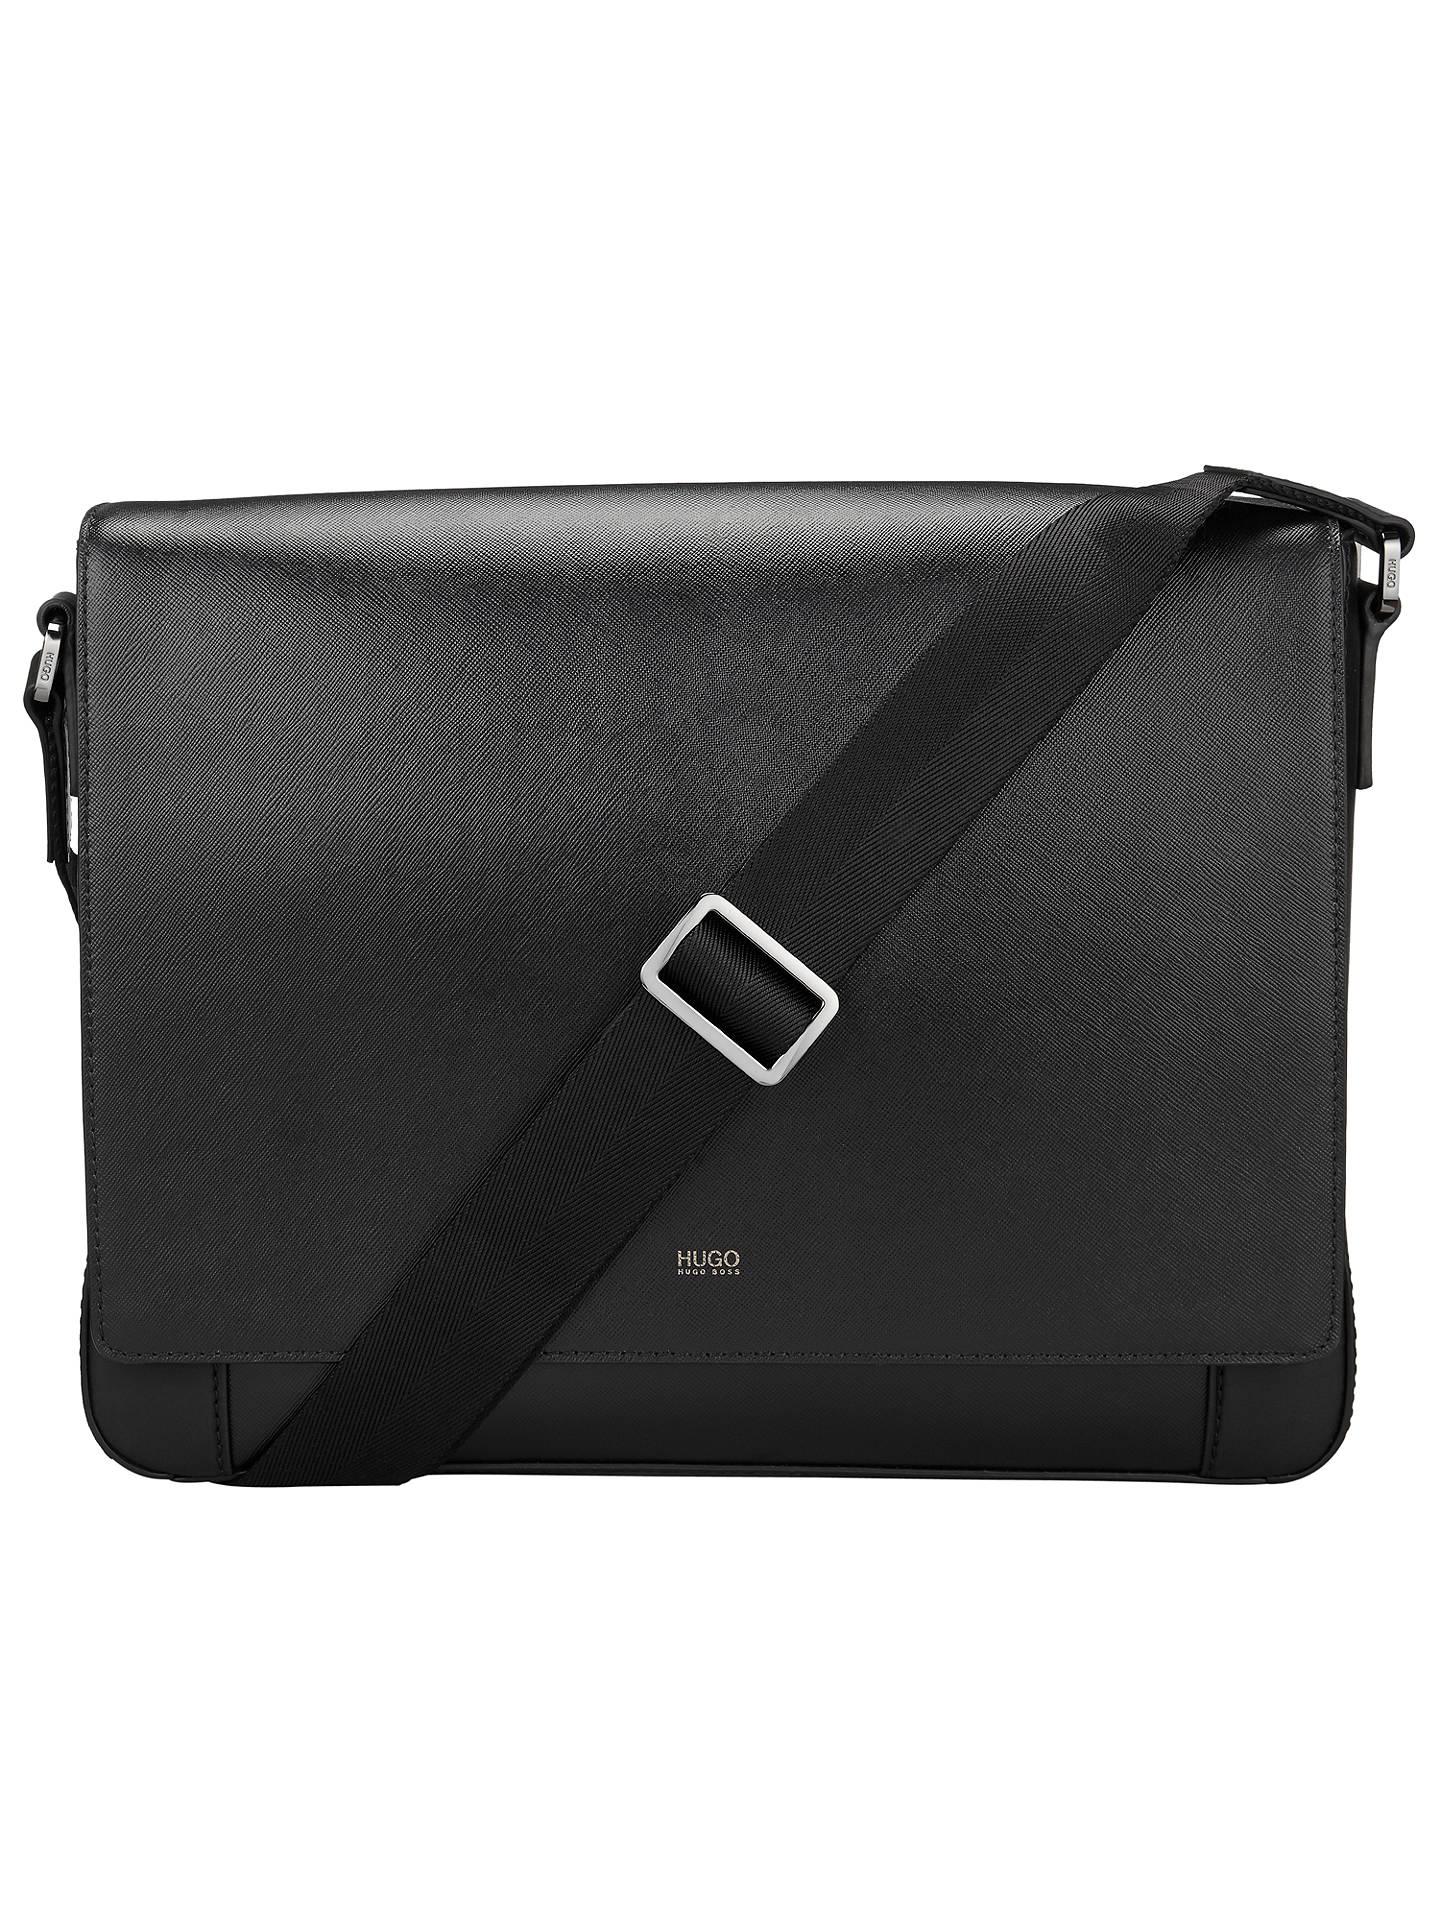 69cf5d7b93c Buy HUGO by Hugo Boss Digital Leather Messenger Bag, Black Online at  johnlewis.com ...